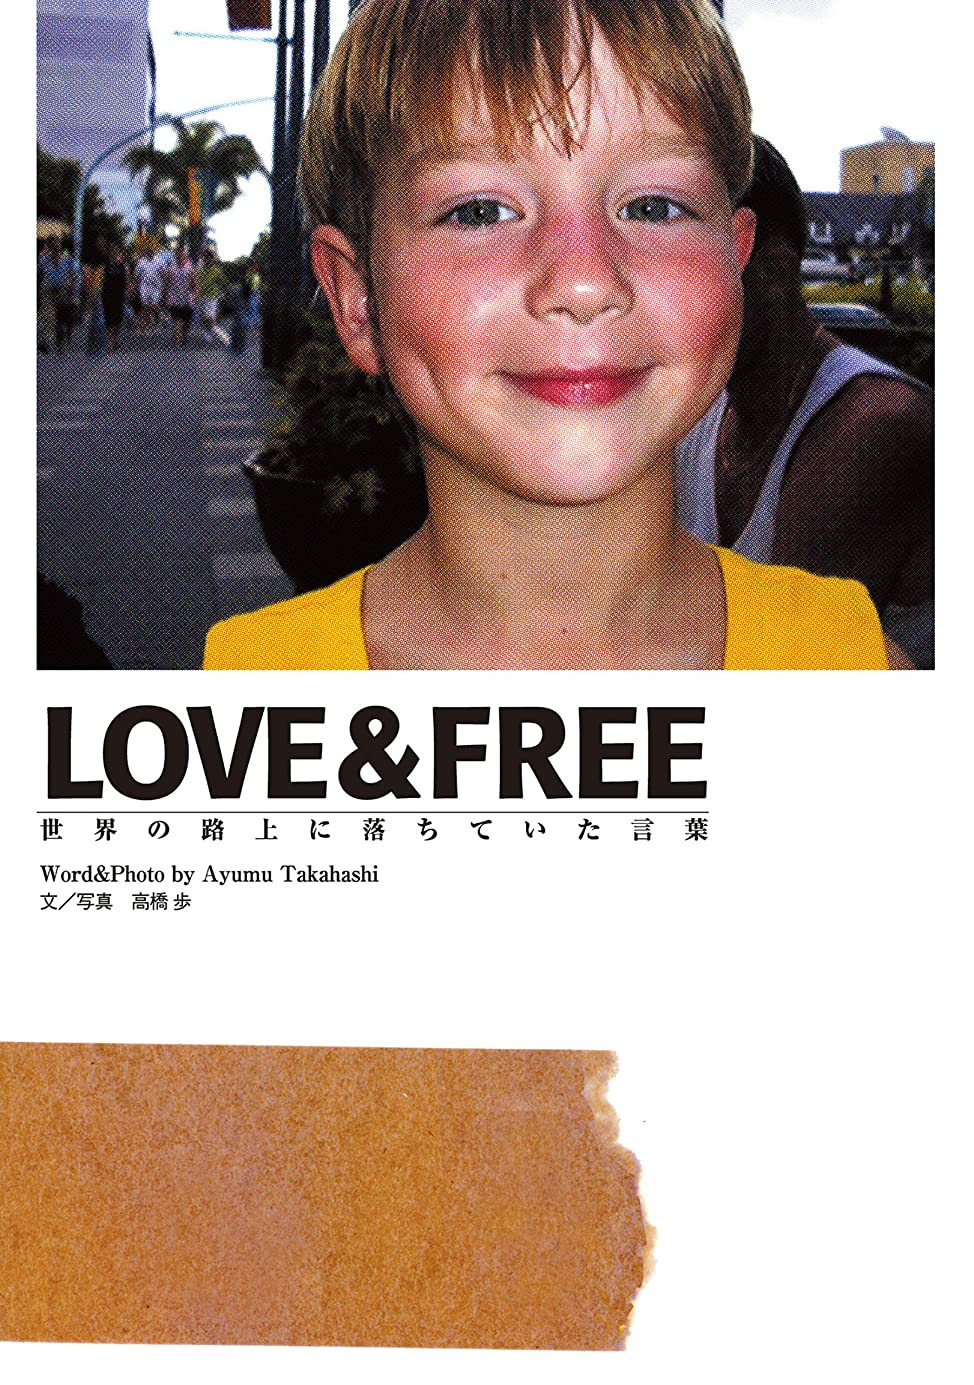 ユーモアブロック発明LOVE&FREE―世界の路上に落ちていた言葉